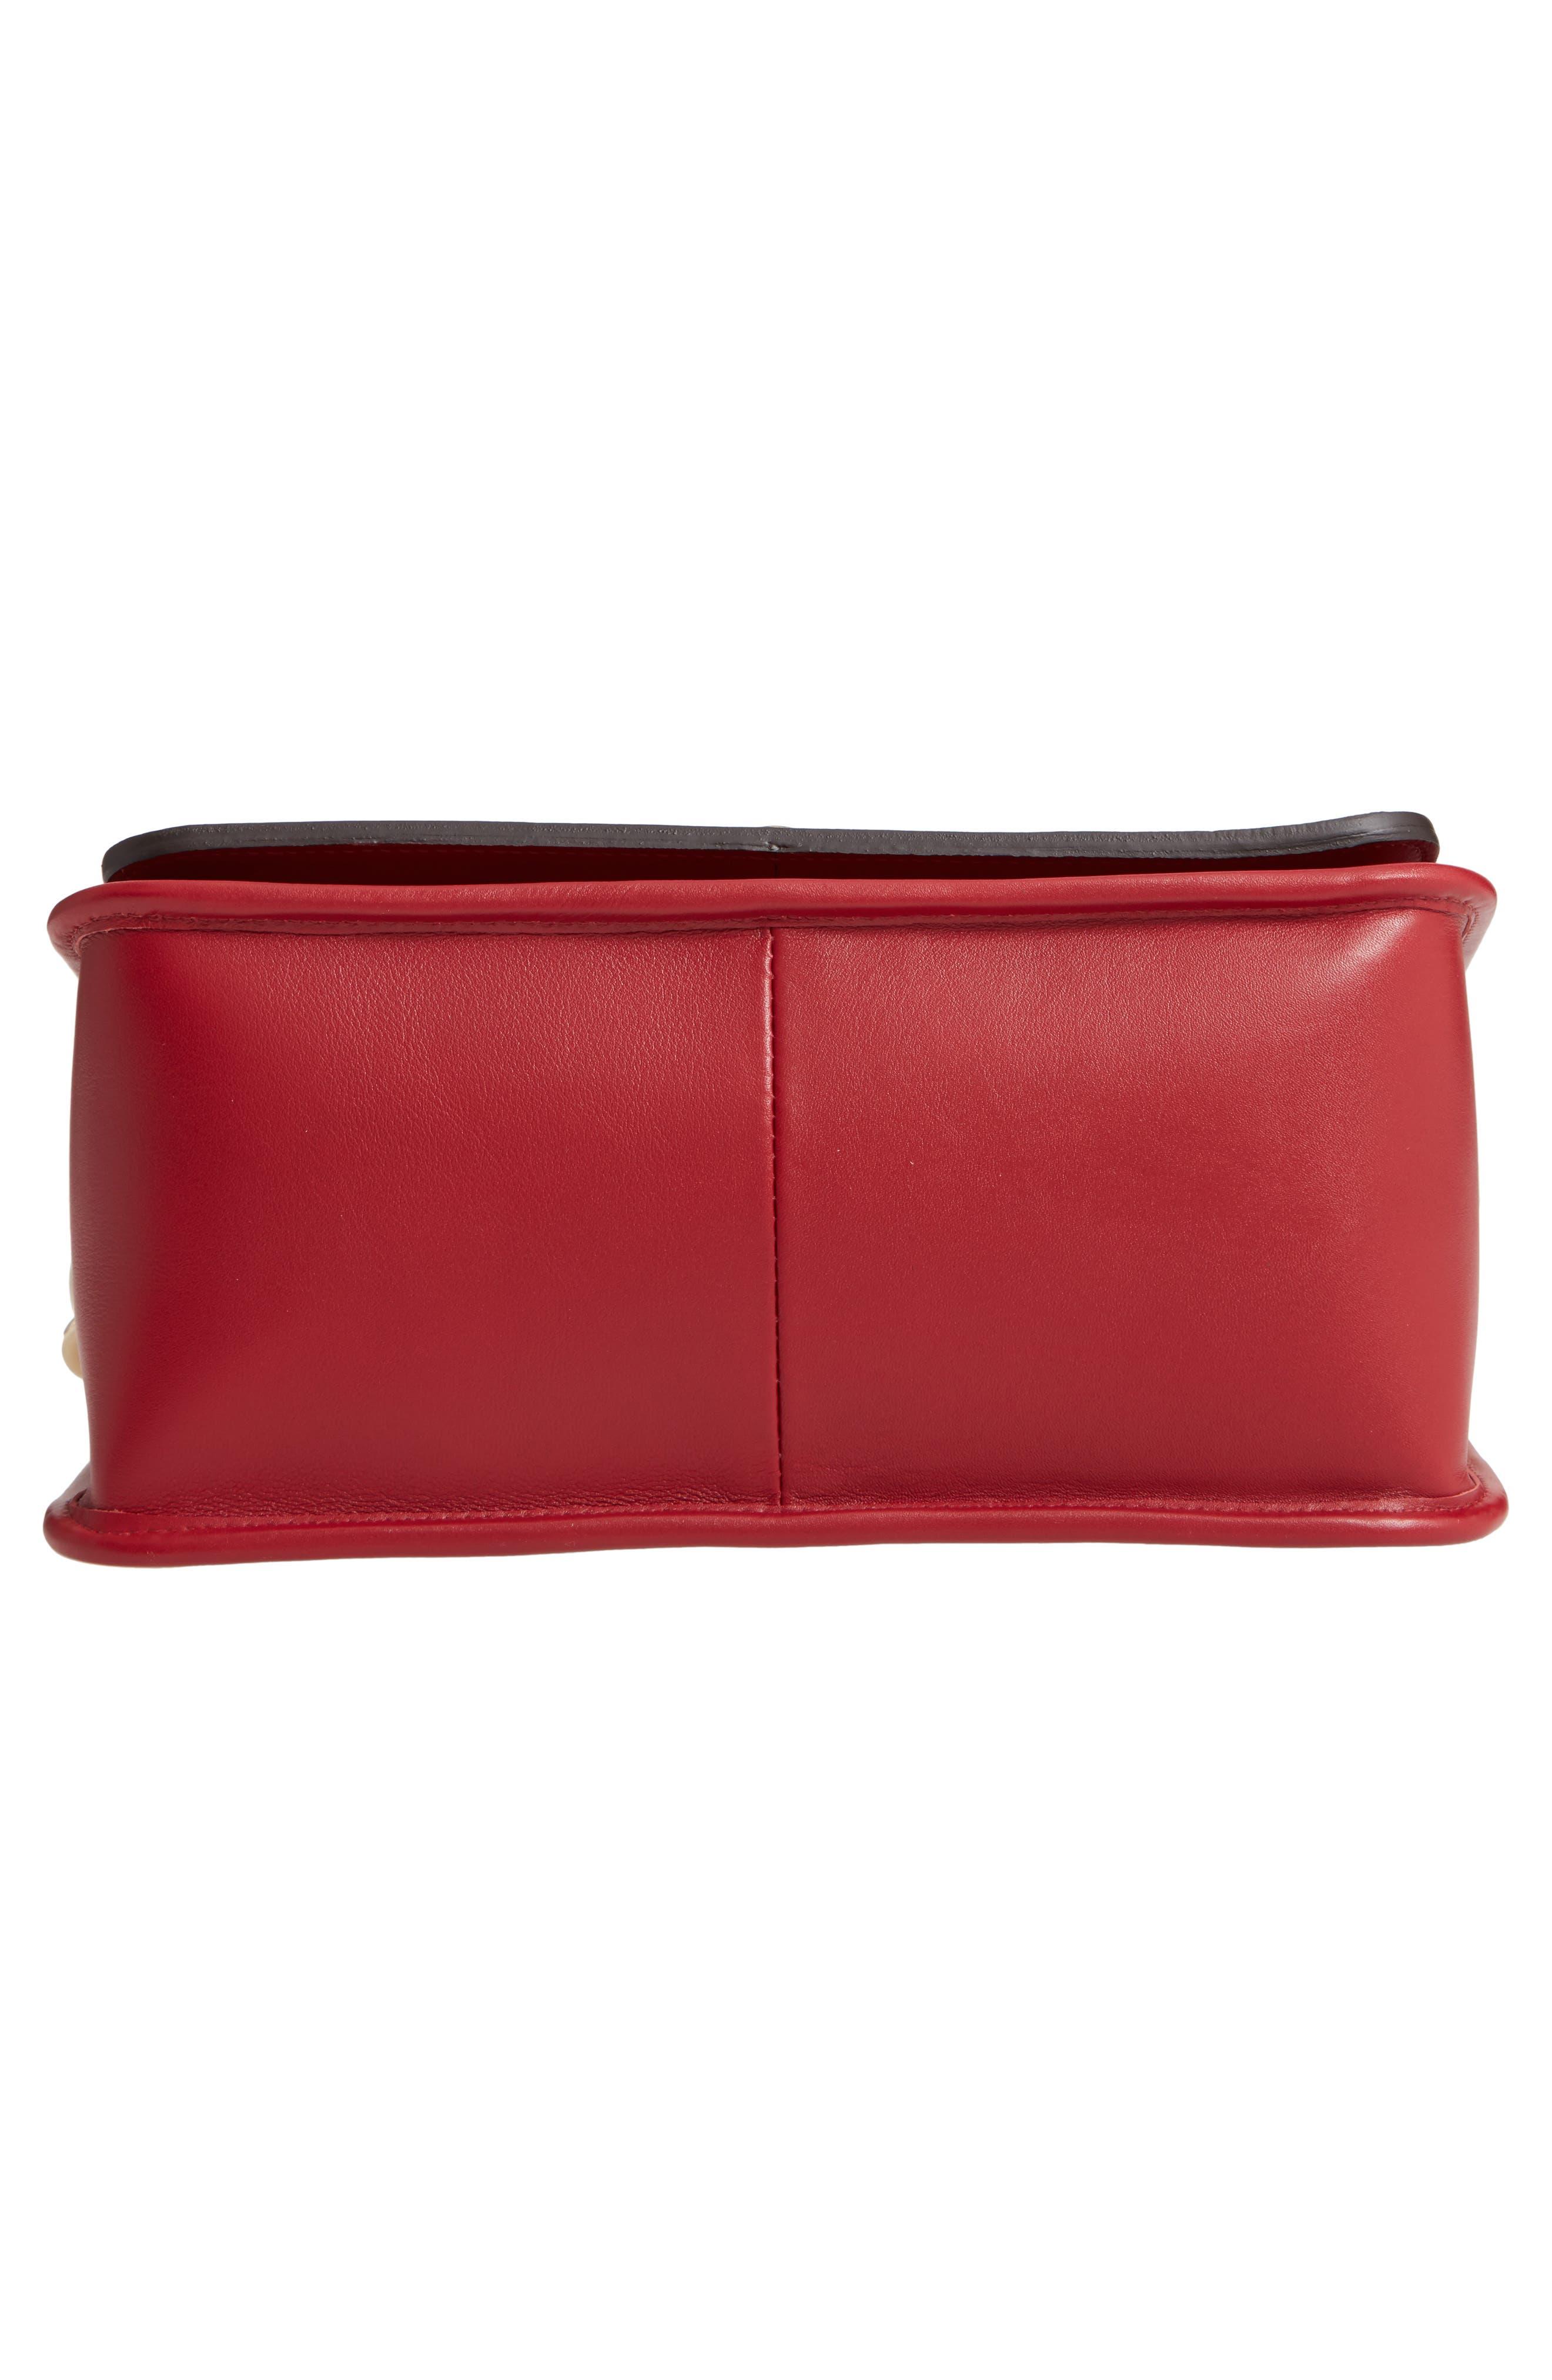 Mademoiselle Calfskin Leather Crossbody Bag,                             Alternate thumbnail 6, color,                             GARNET RED